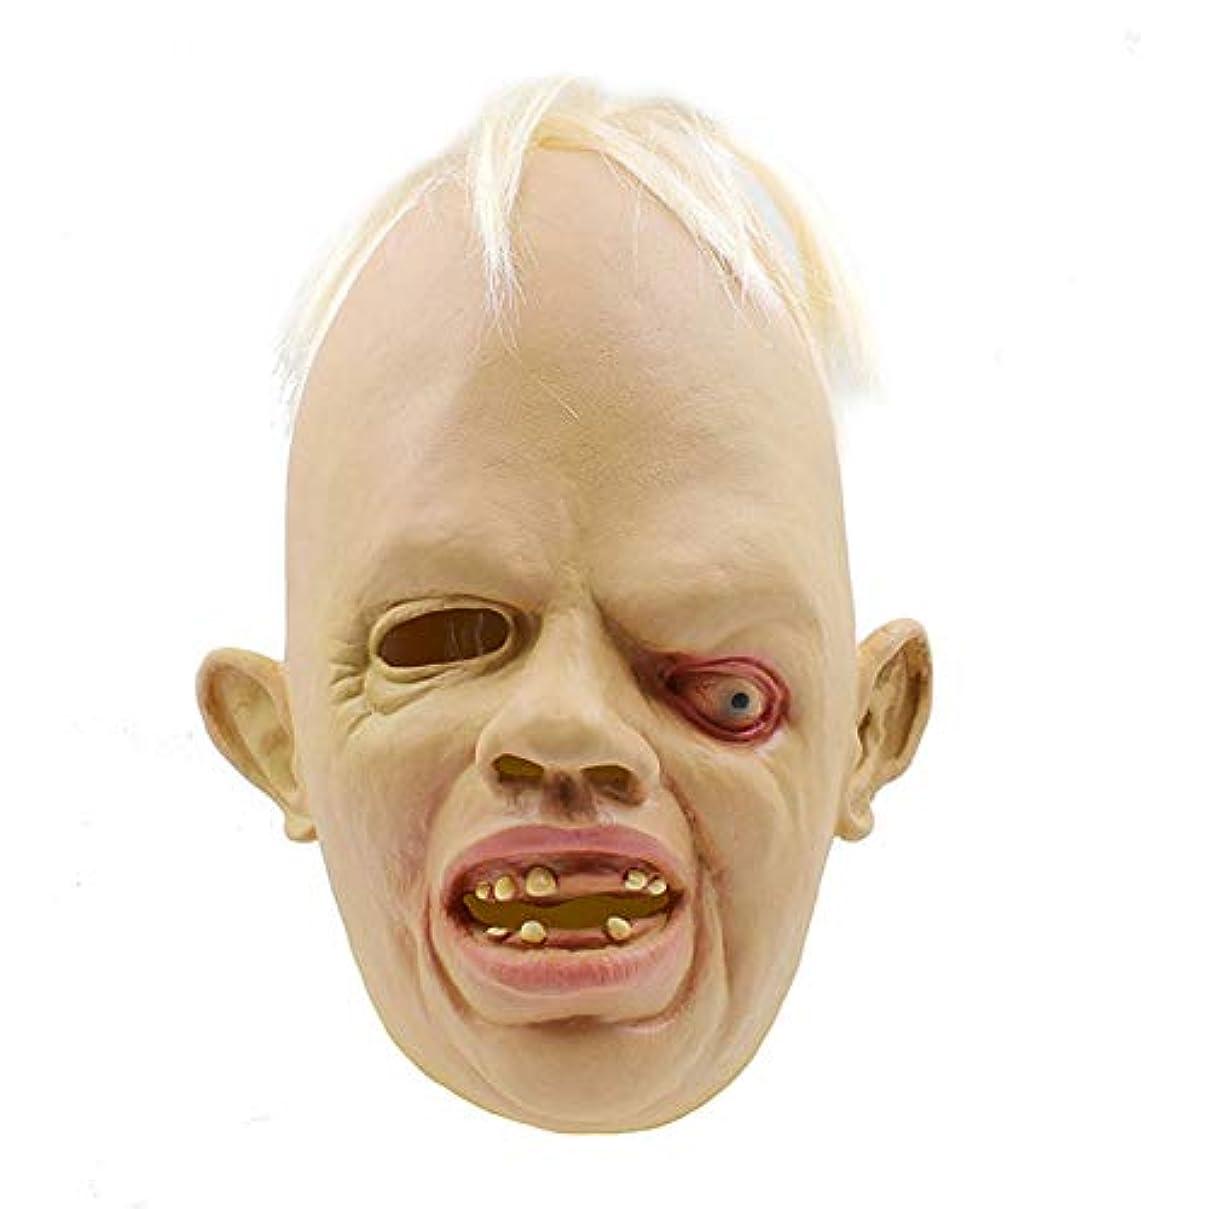 前売キャプテン請求可能ハロウィーンマスク、マスクラテックスマスク、ハロウィーン、テーマパーティー、カーニバル、レイブパーティー、バー、小道具、映画。